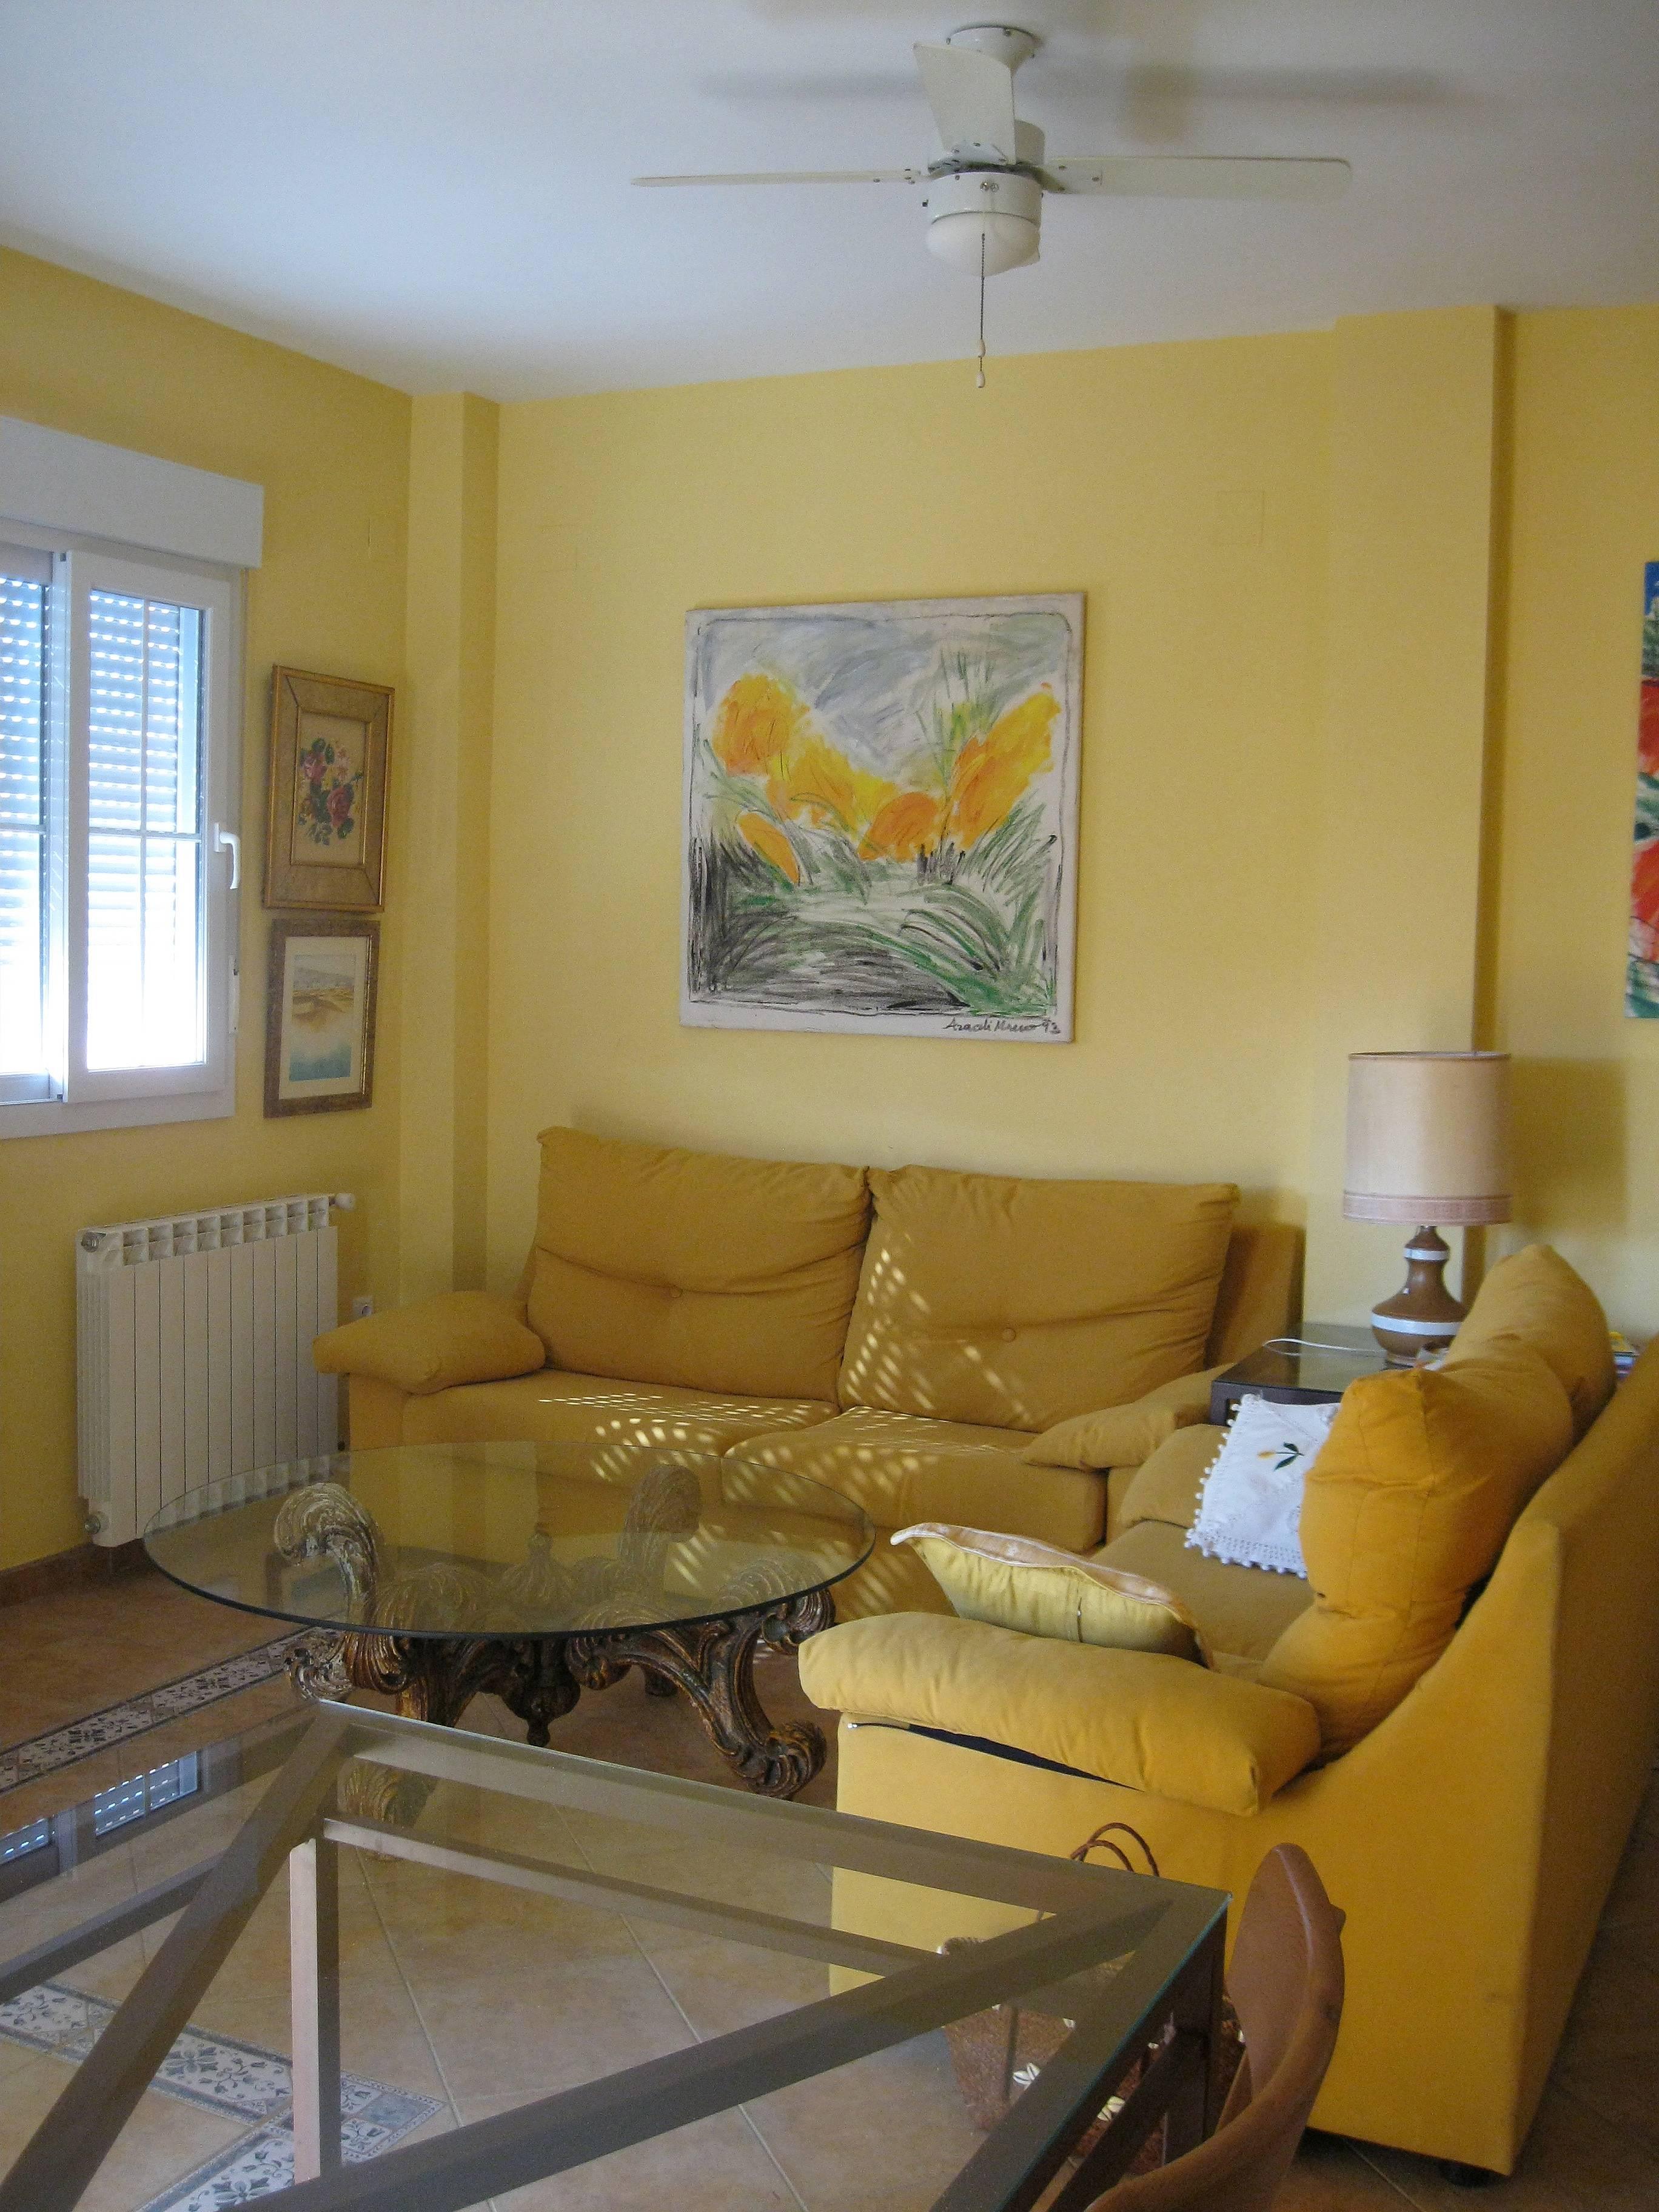 Apartamento en alquiler a 700 m de la playa islantilla - Rentalia islantilla ...